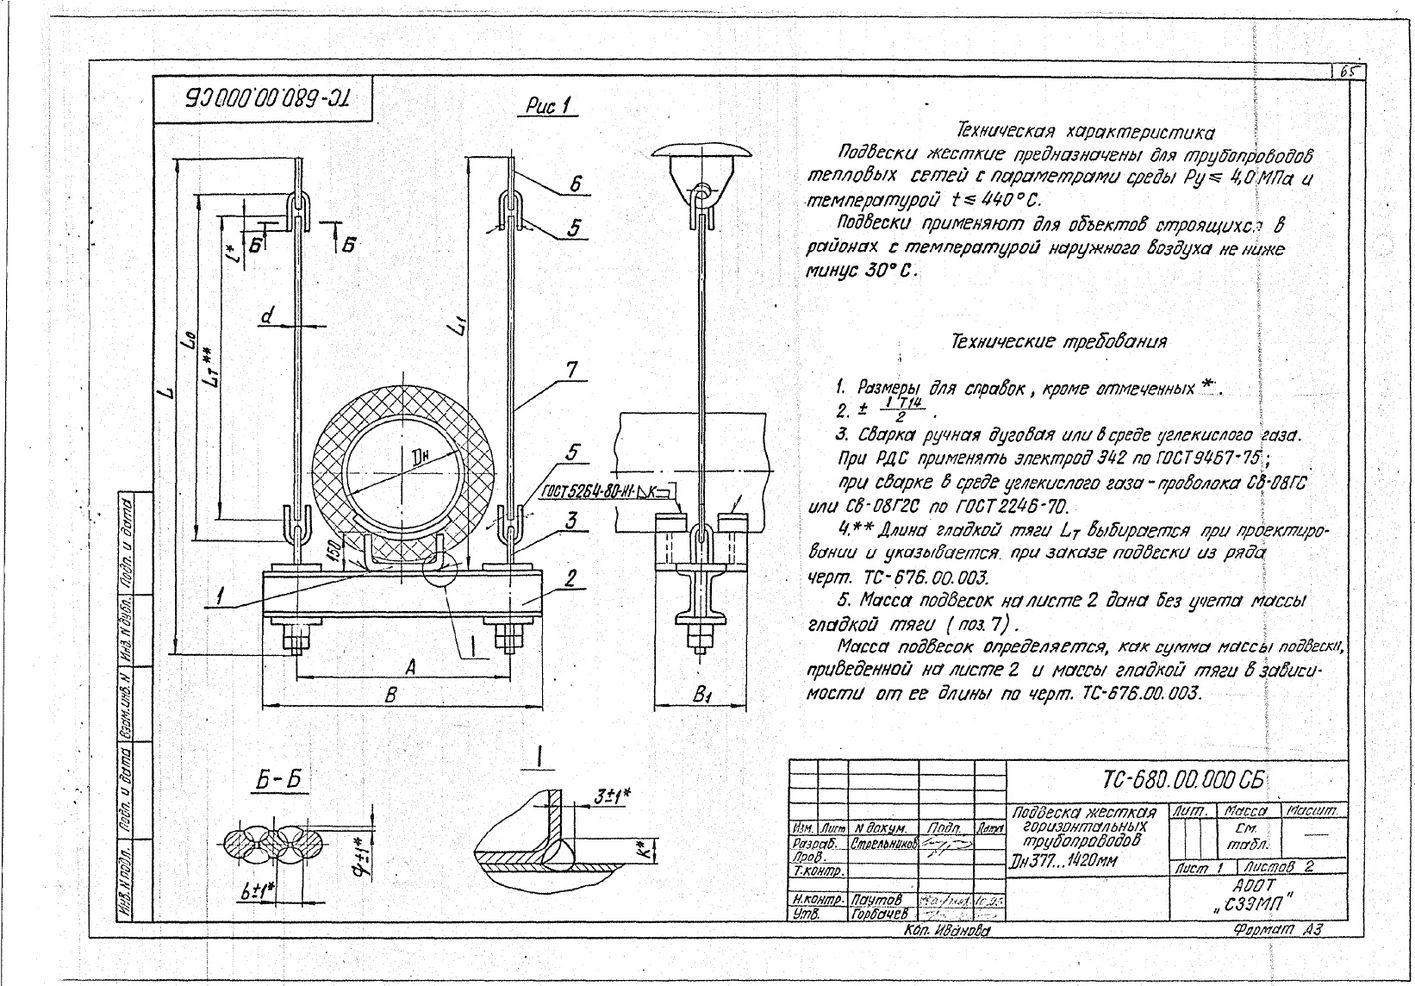 Подвески жесткие Дн377-1420 ТС-680 с.5.903-13 вып.6-95 стр.1